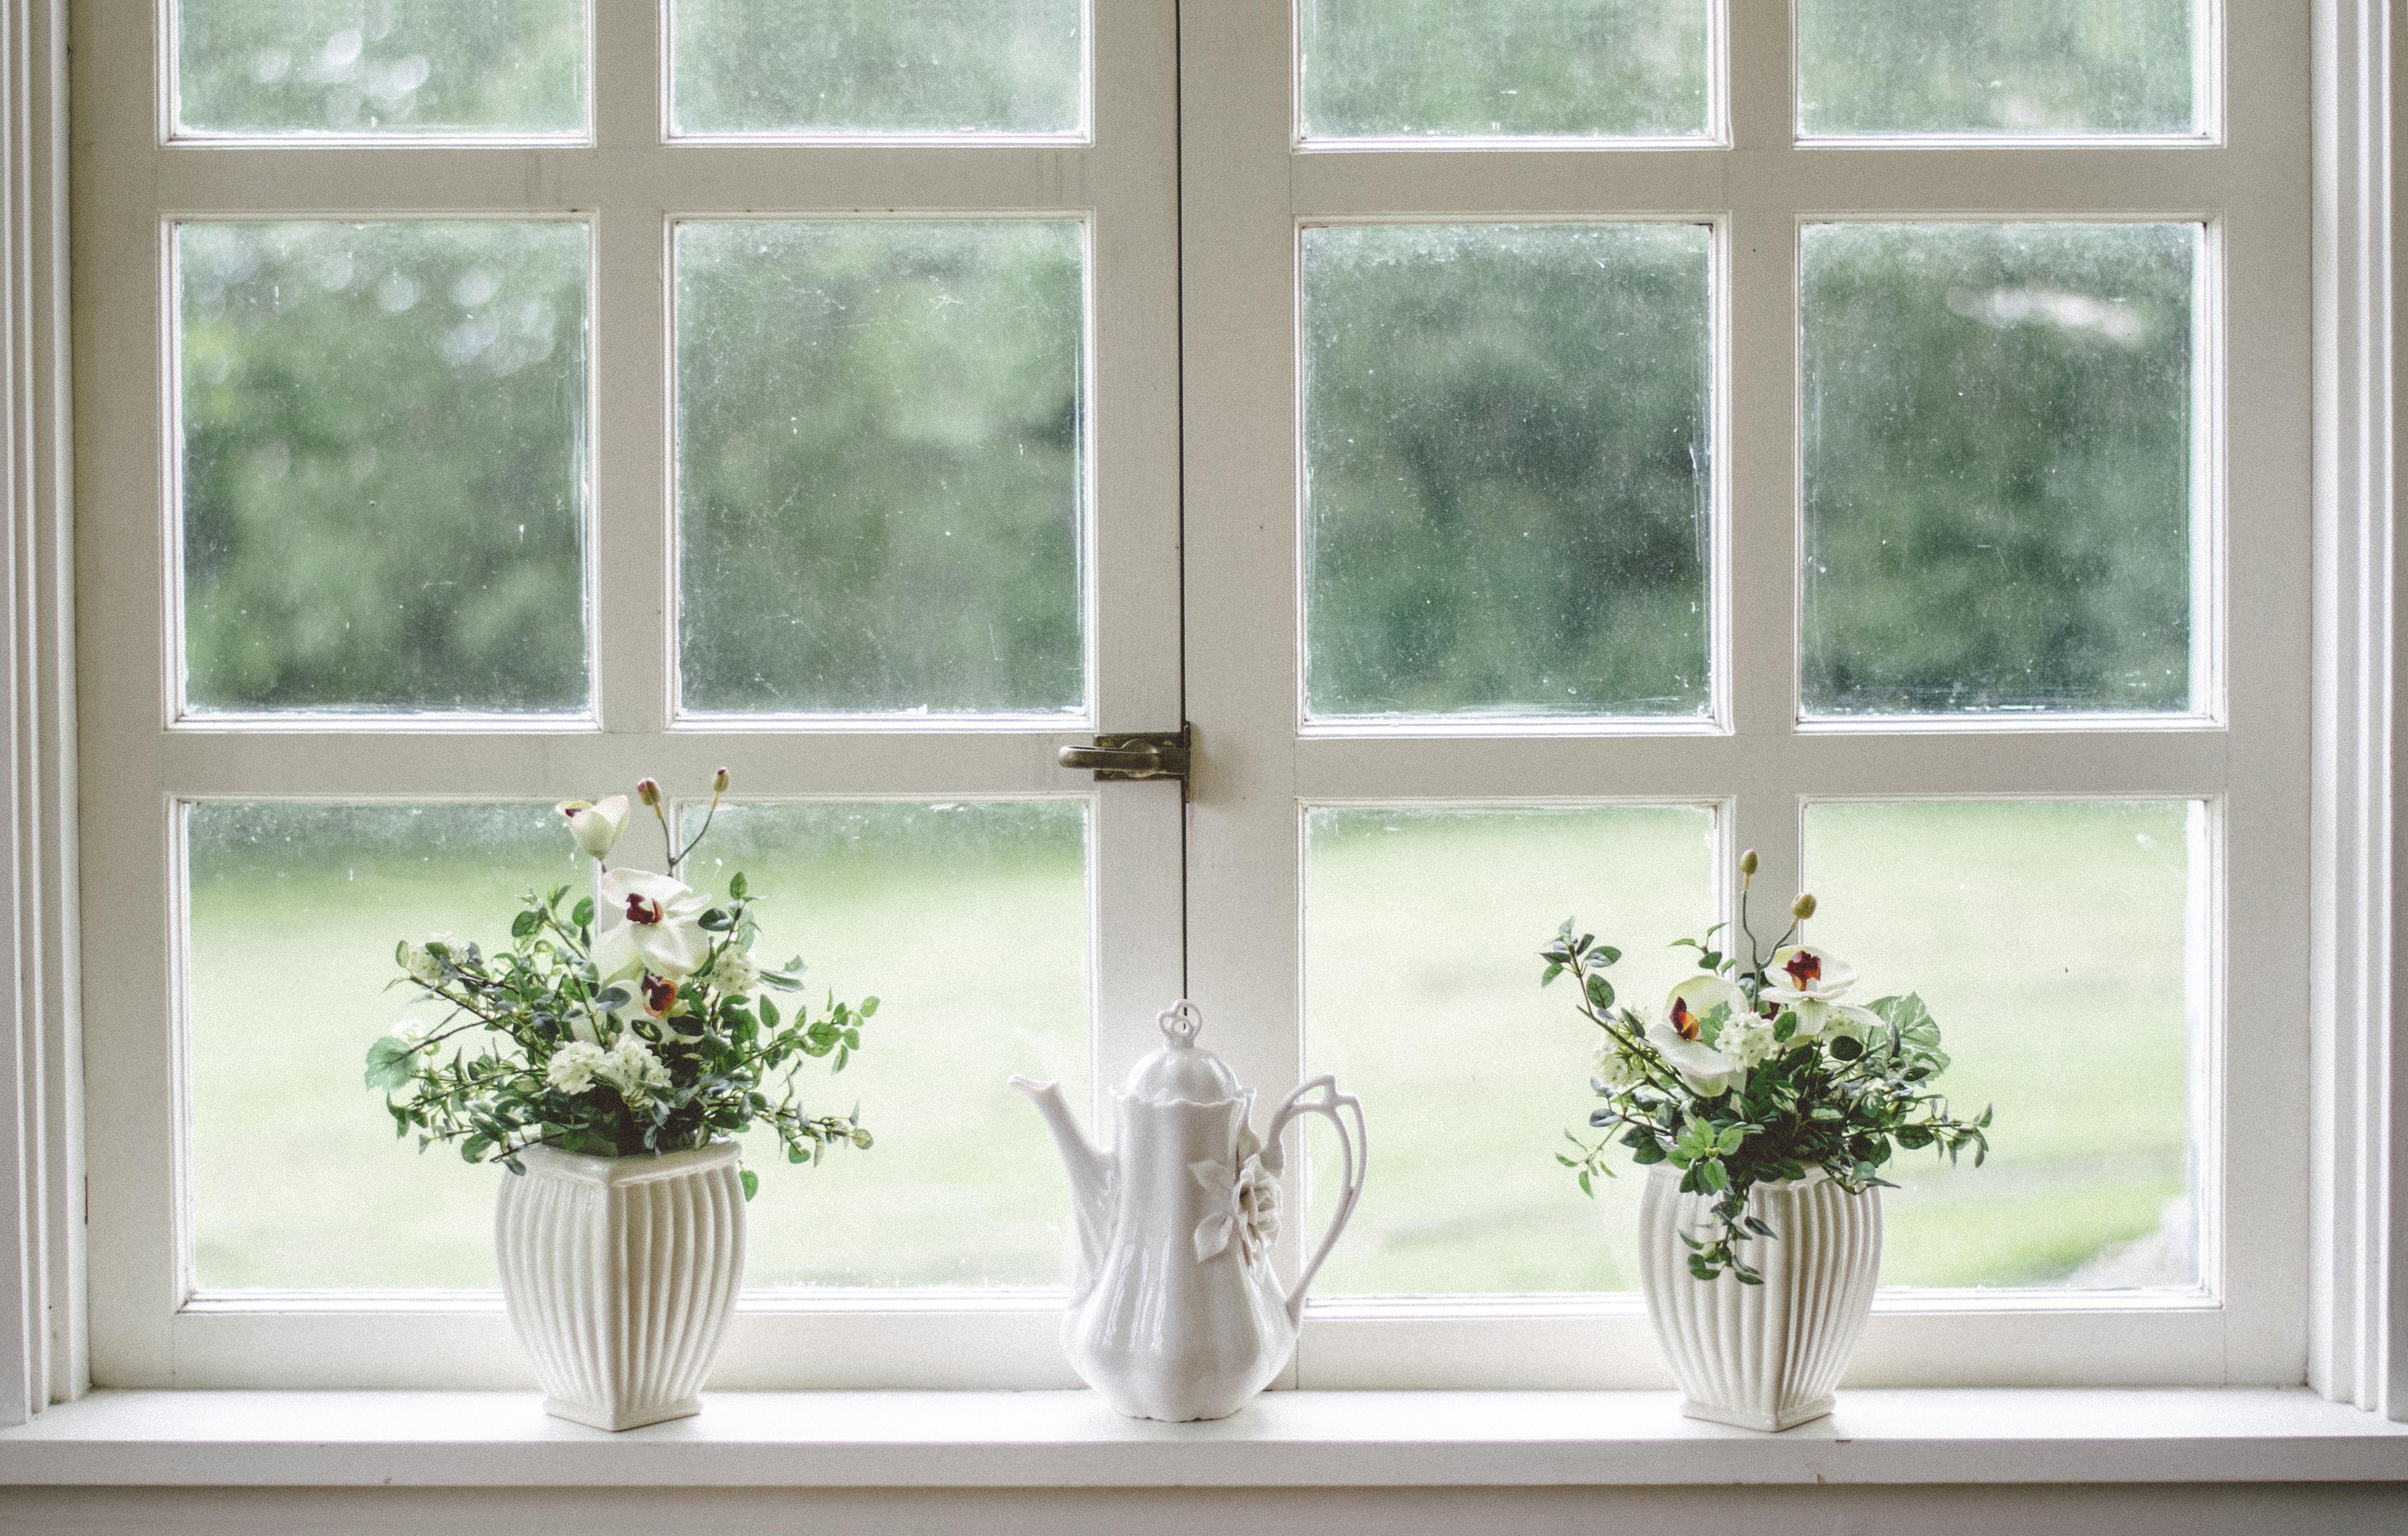 картинки окна на рабочем столе рассказ